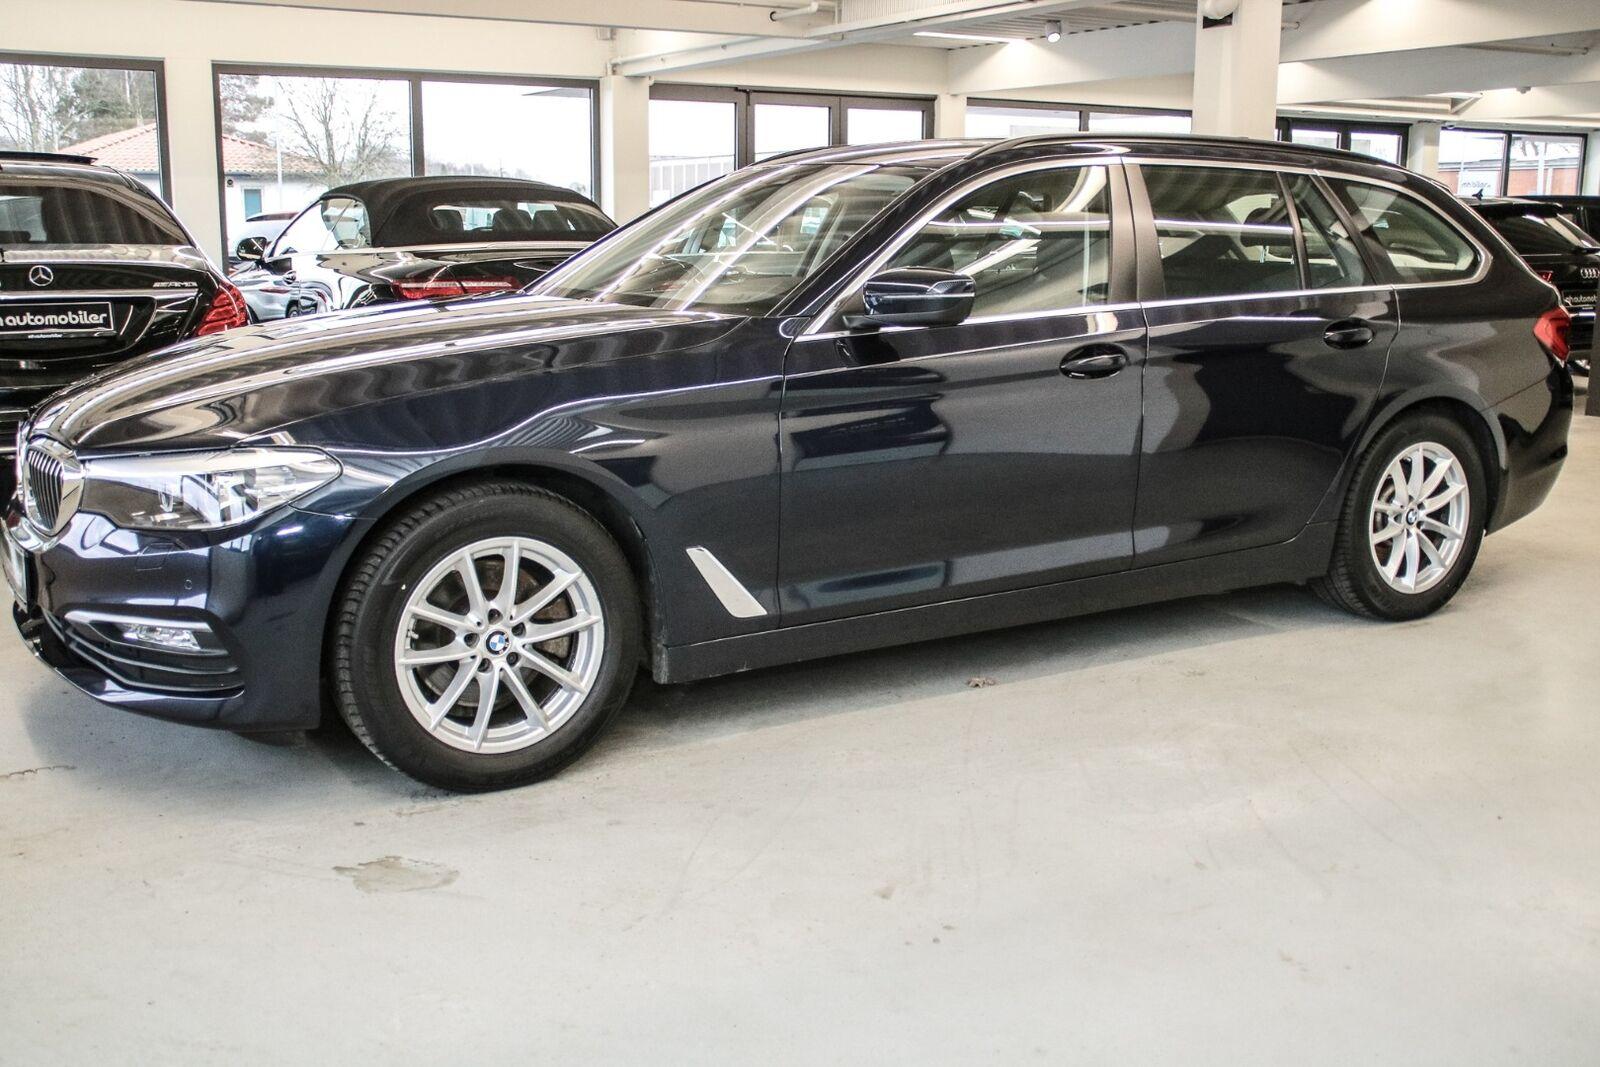 BMW 520d 2,0 Touring Business aut. 5d - 1.995 kr.